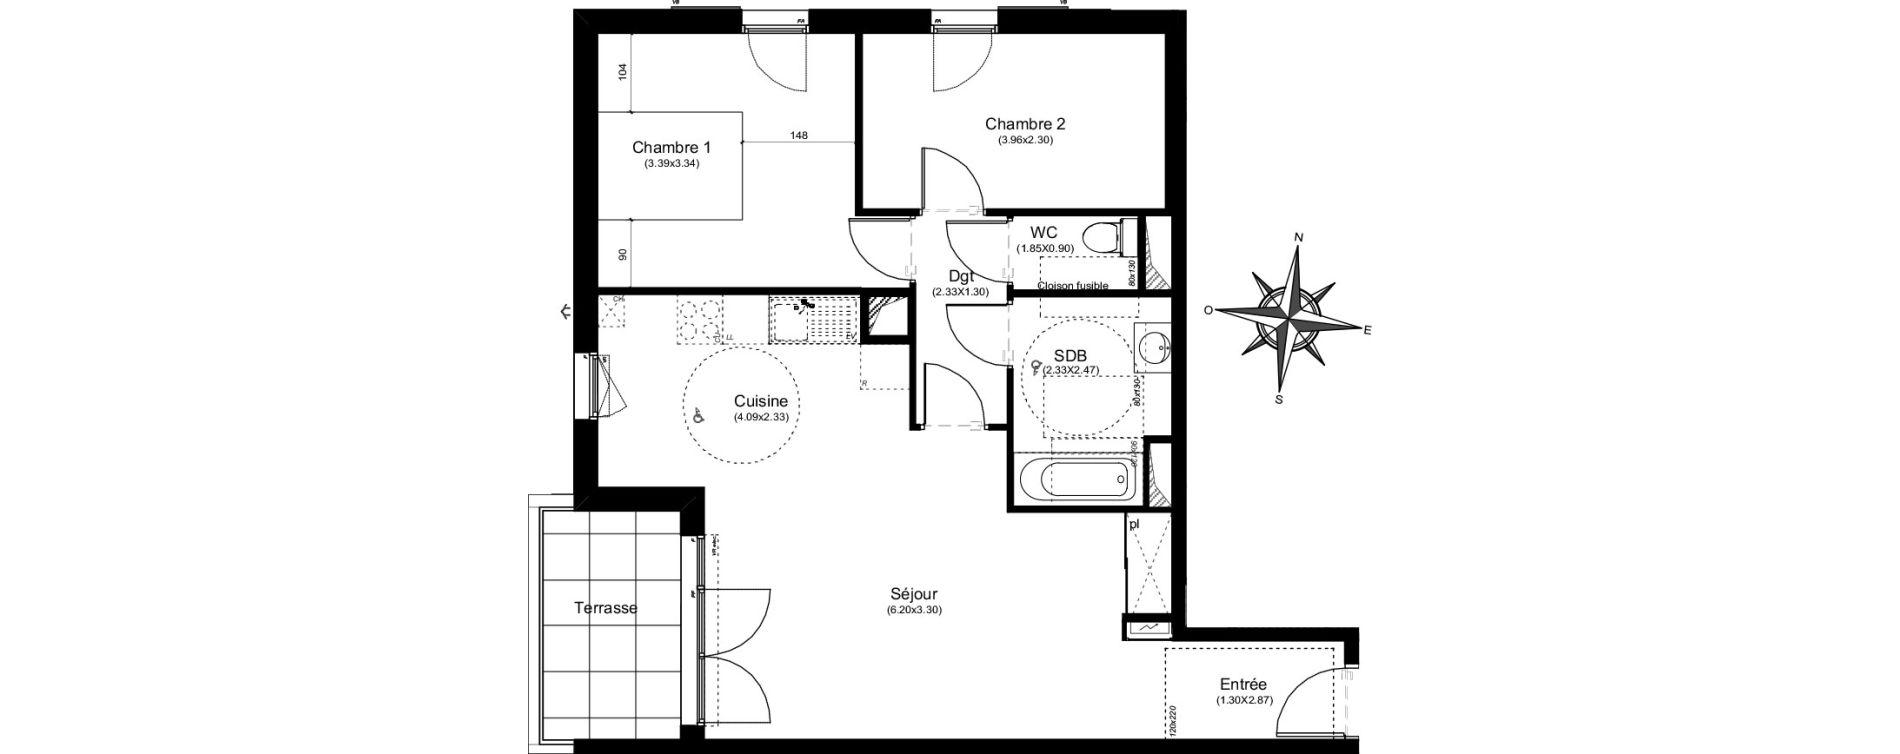 Appartement T3 de 64,61 m2 à Aix-En-Provence Puyricard - couteron